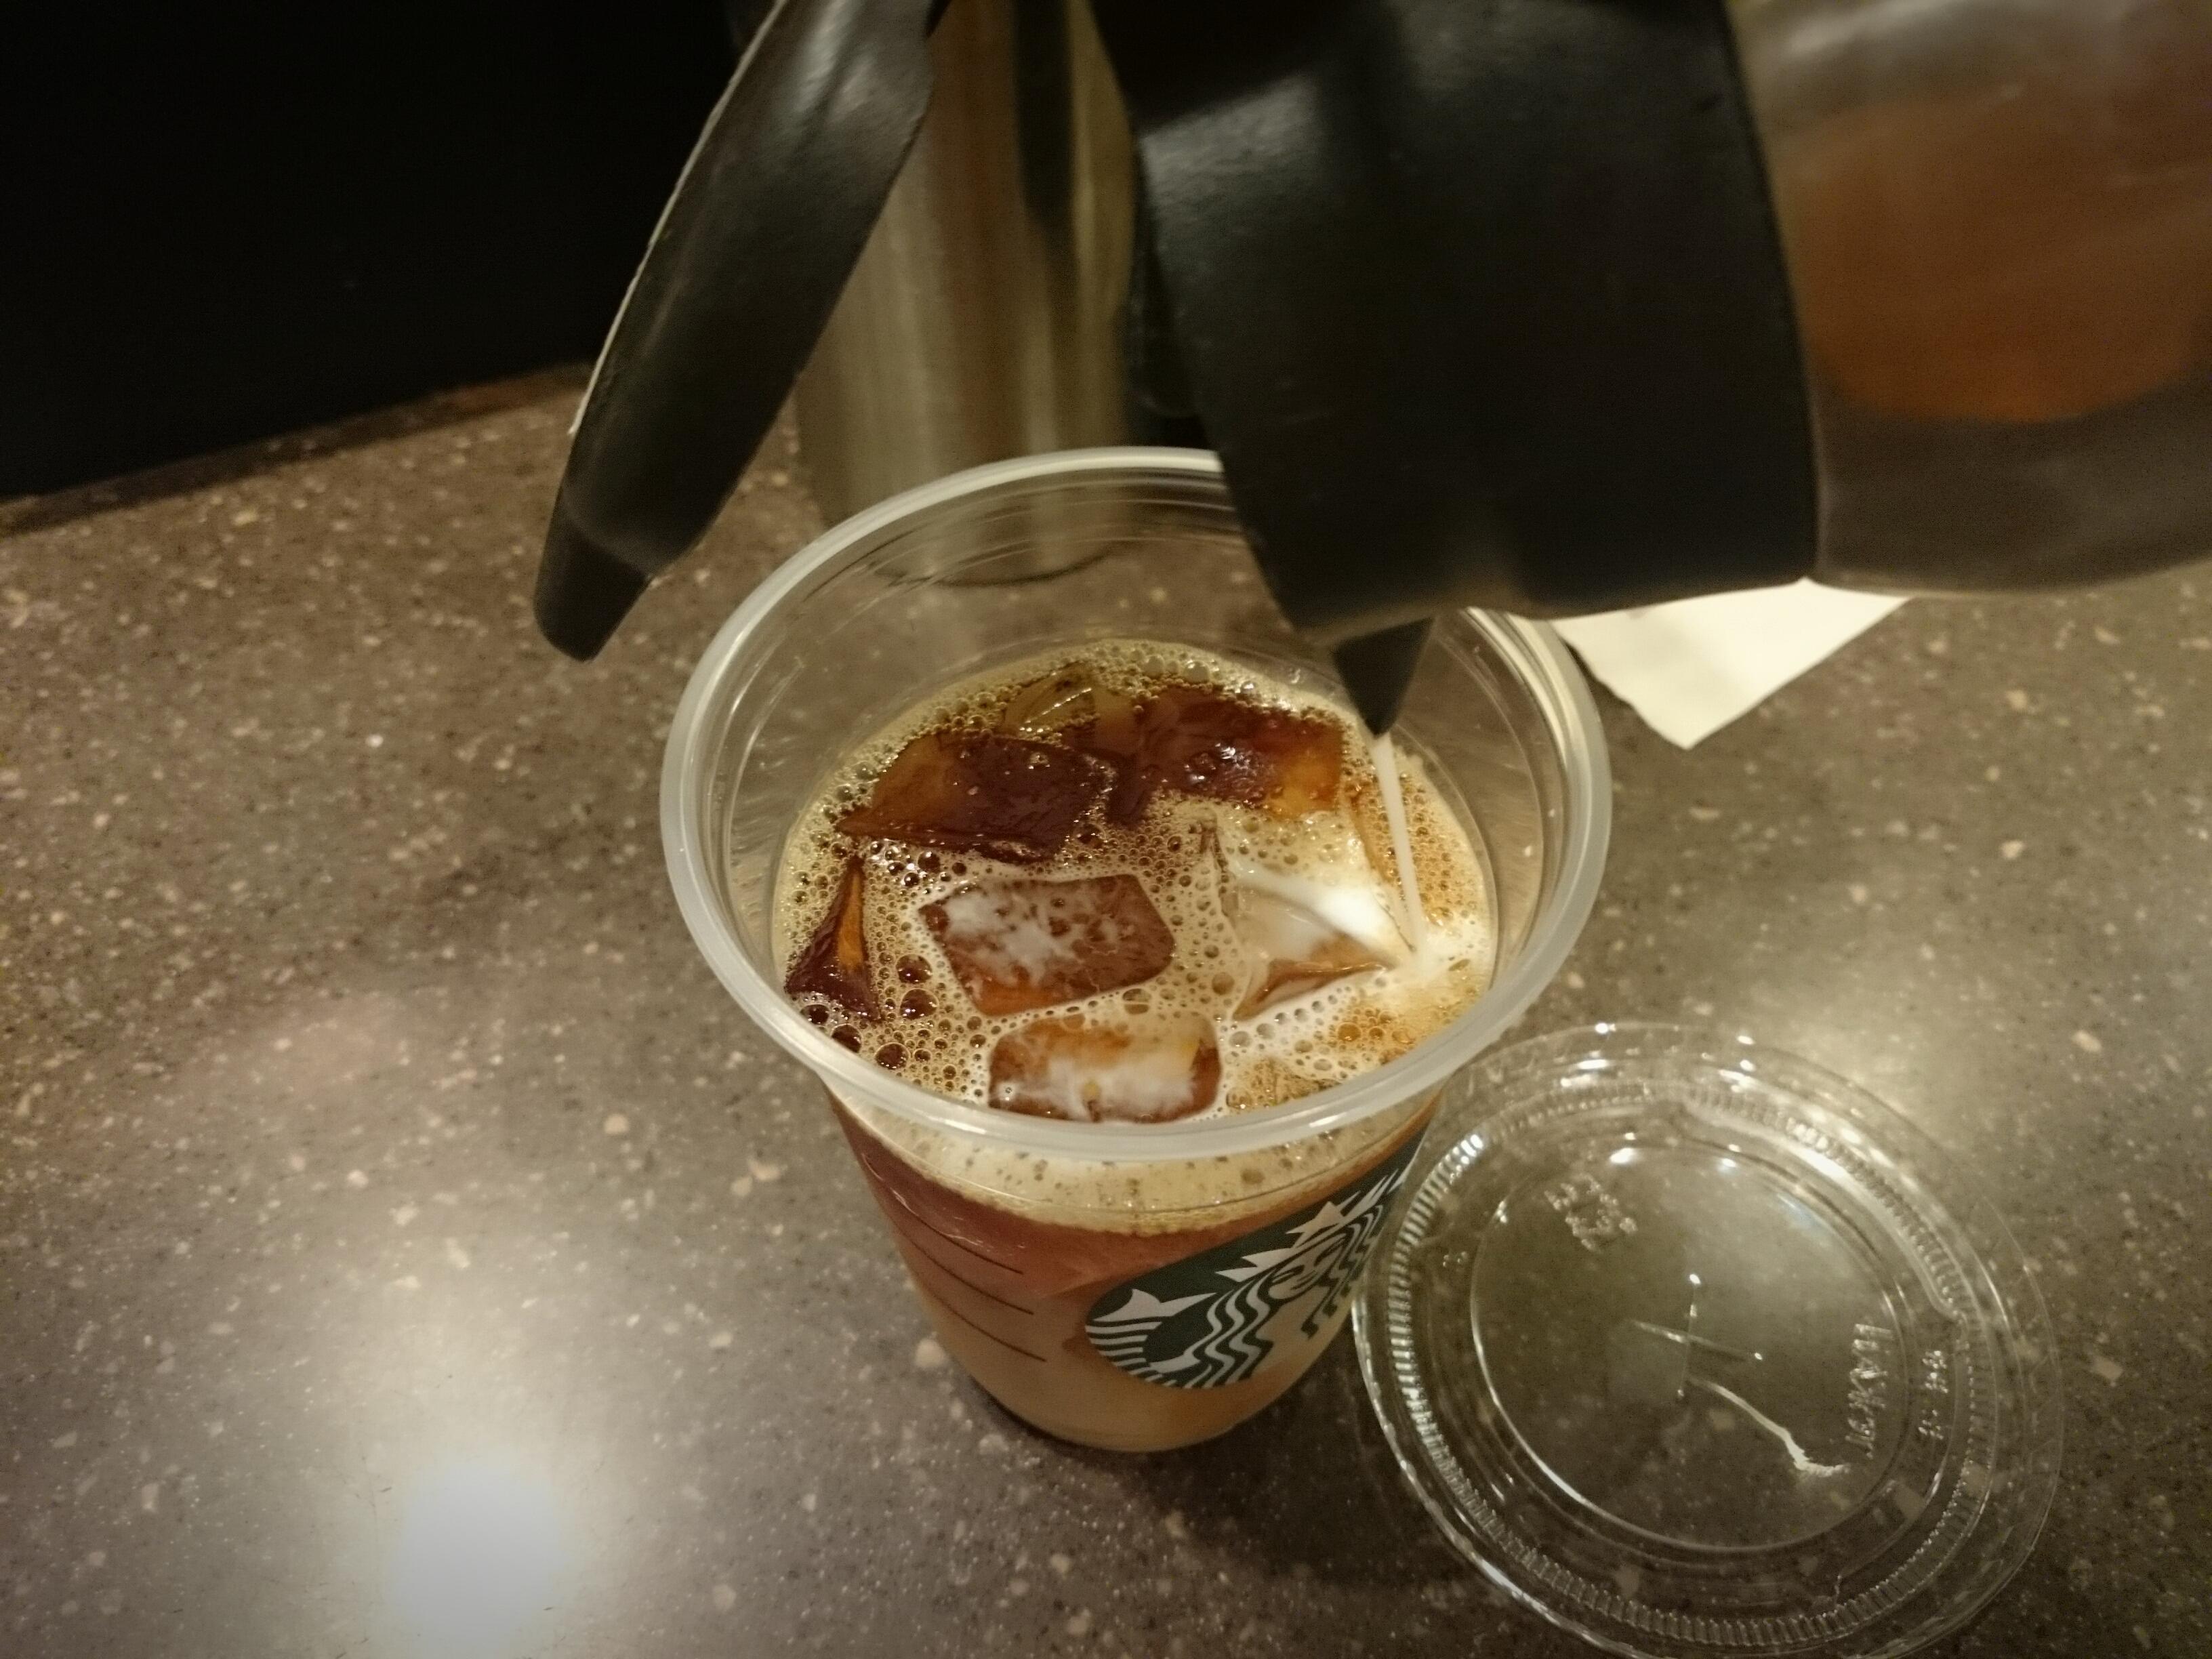 スタバでアイスカフェオレを飲む裏技